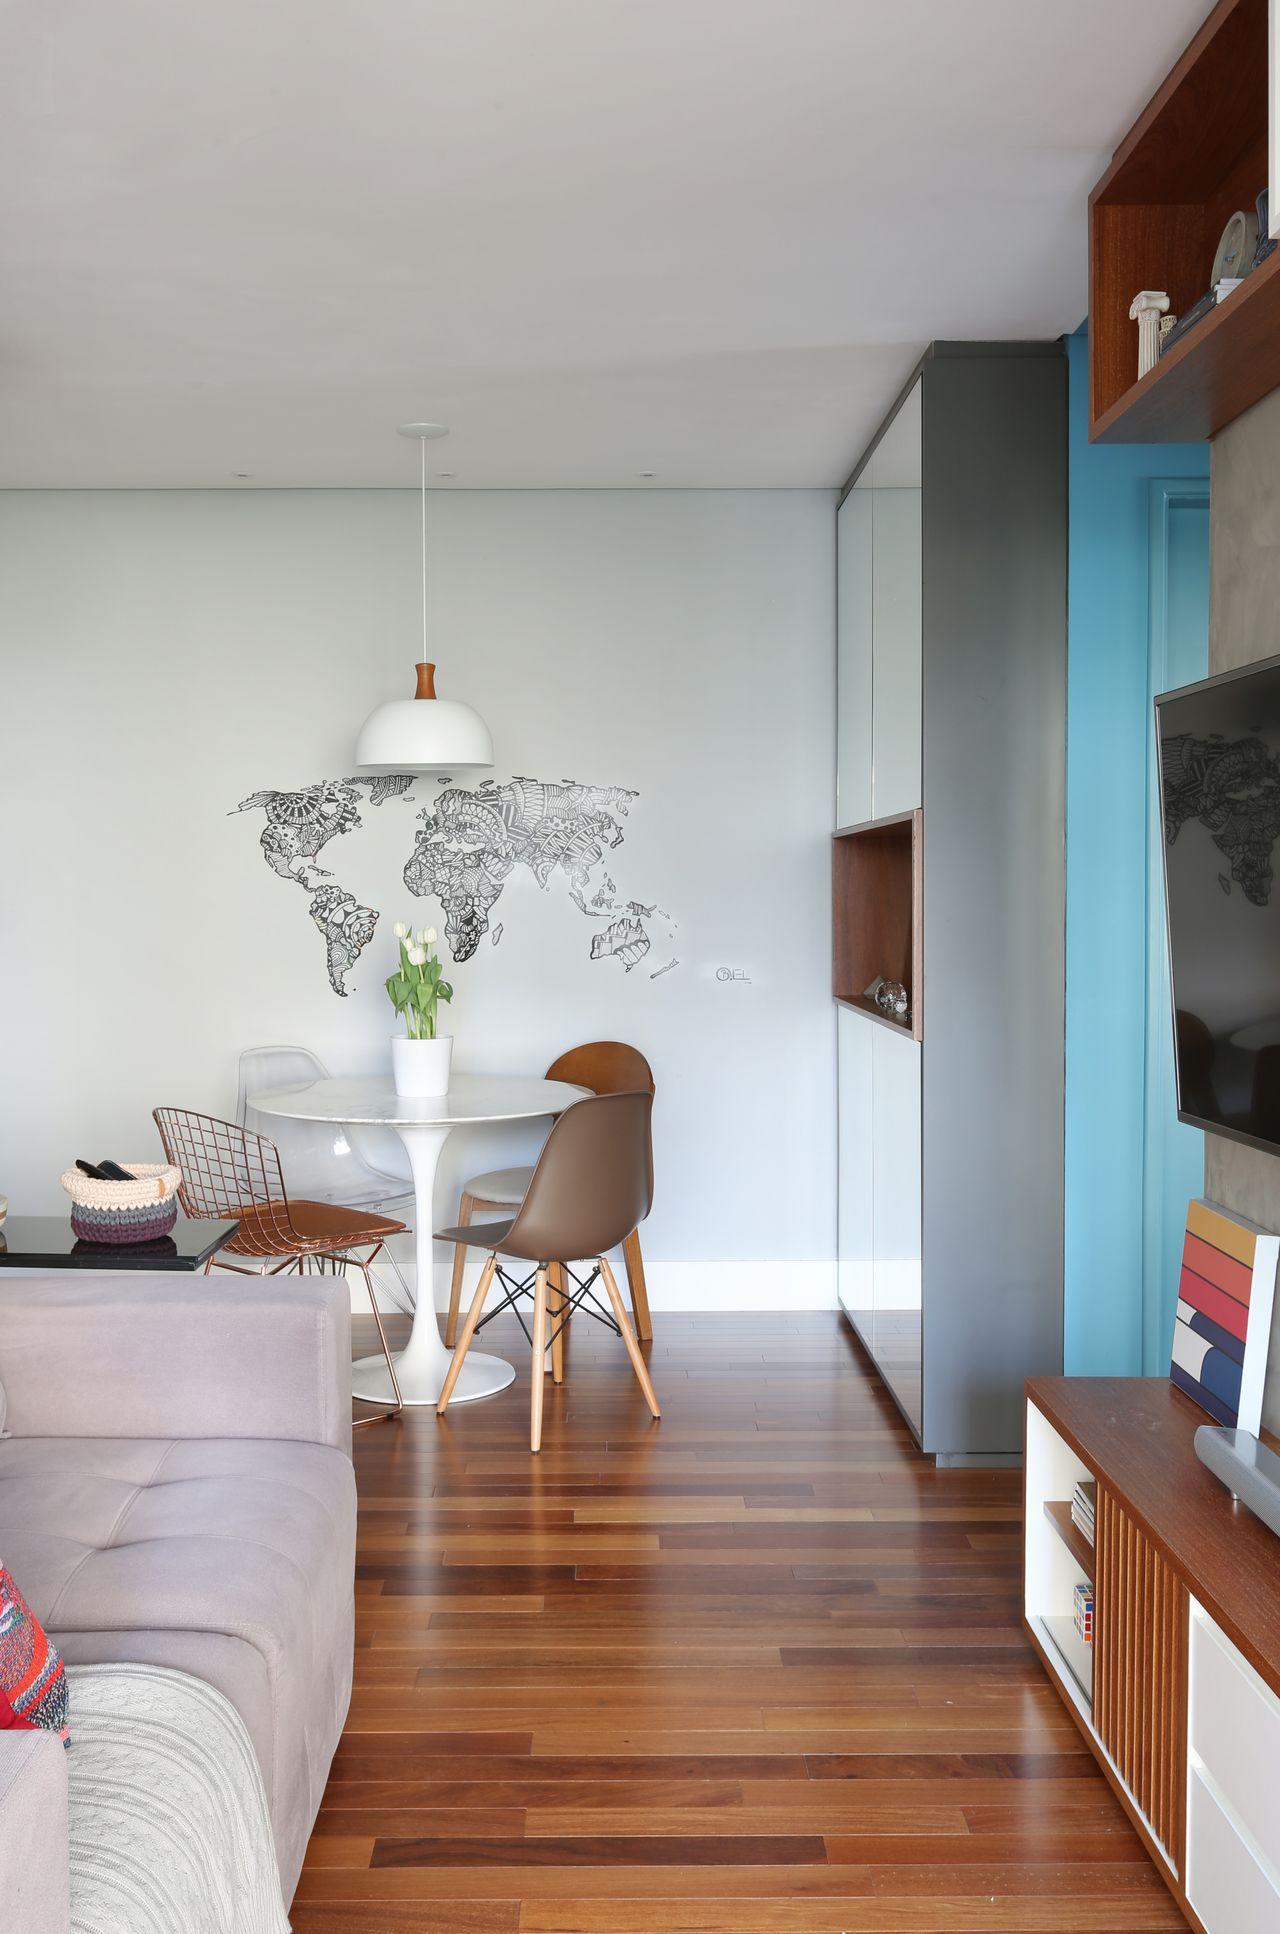 Adesivo De Parede Do Mapa Mundi E Pendente Branco De Nat Lia Salla  -> Adesivo Para Decoracao De Sala